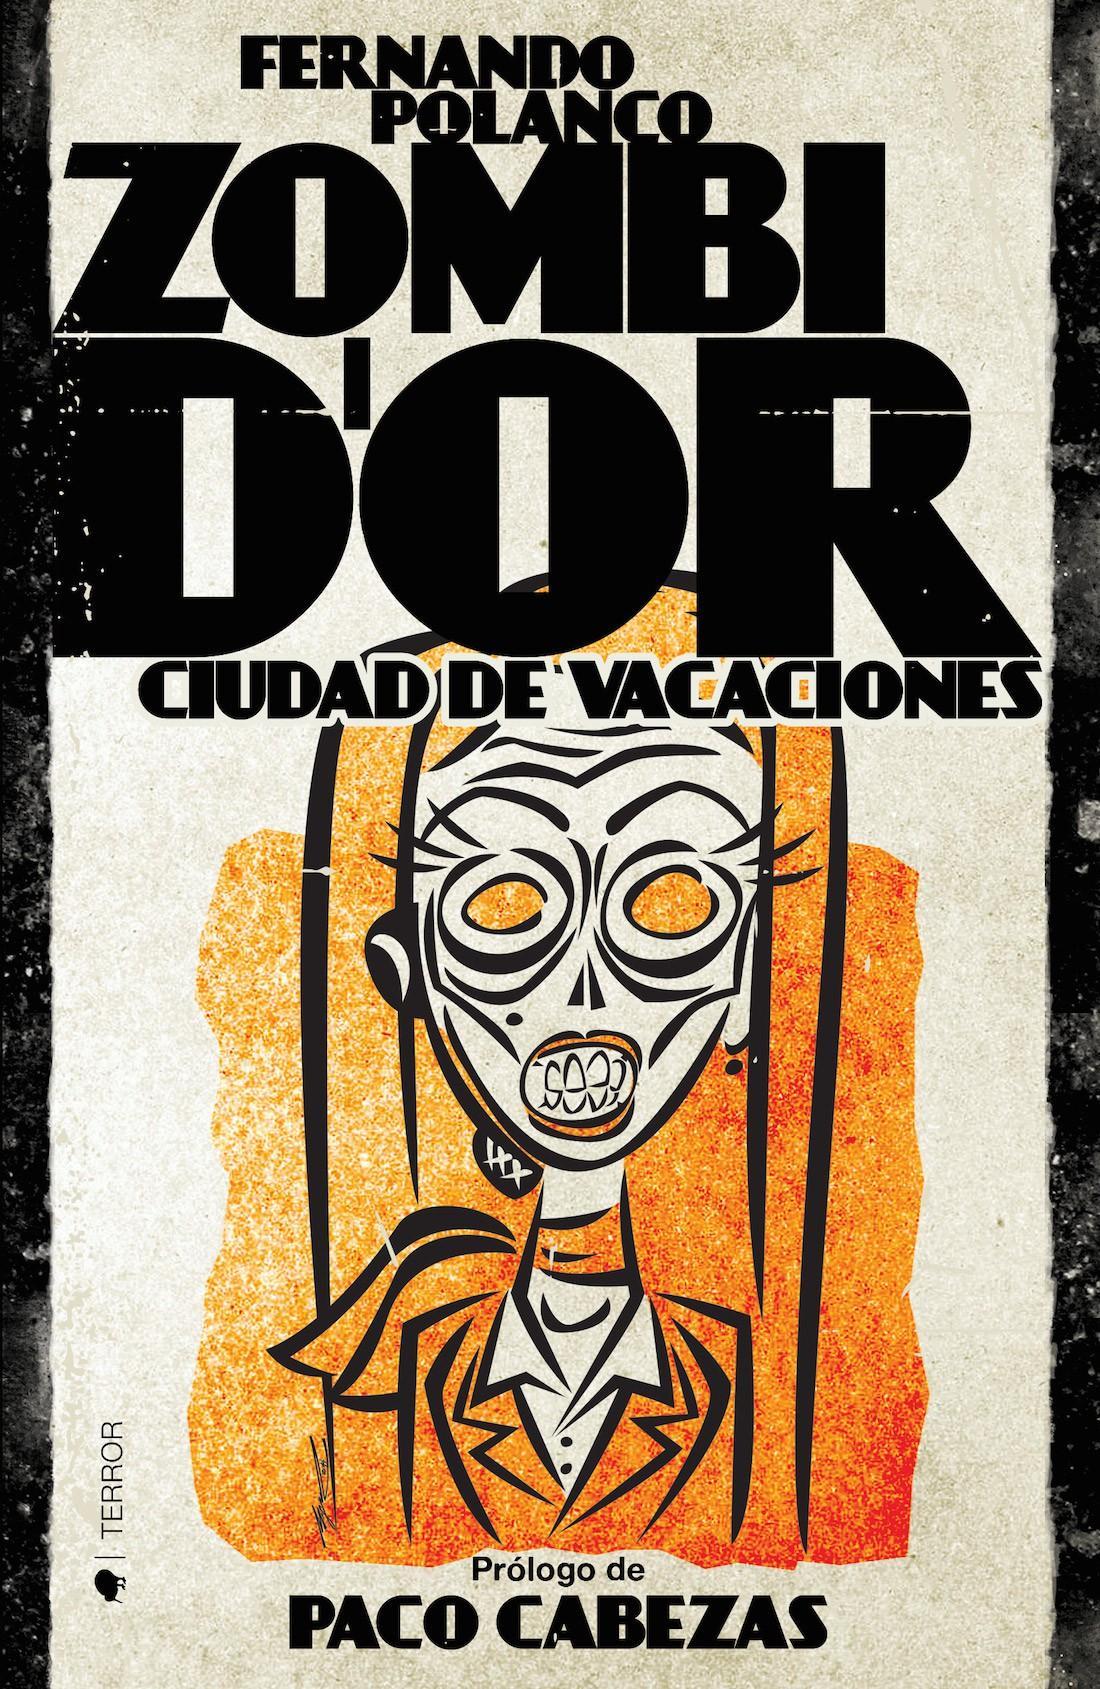 #Concurso: Sorteamos dos ejemplares de la novela 'Zombi D'or: Ciudad de Vacaciones' de @fernandopolanco http://t.co/8RJYqOmS2f